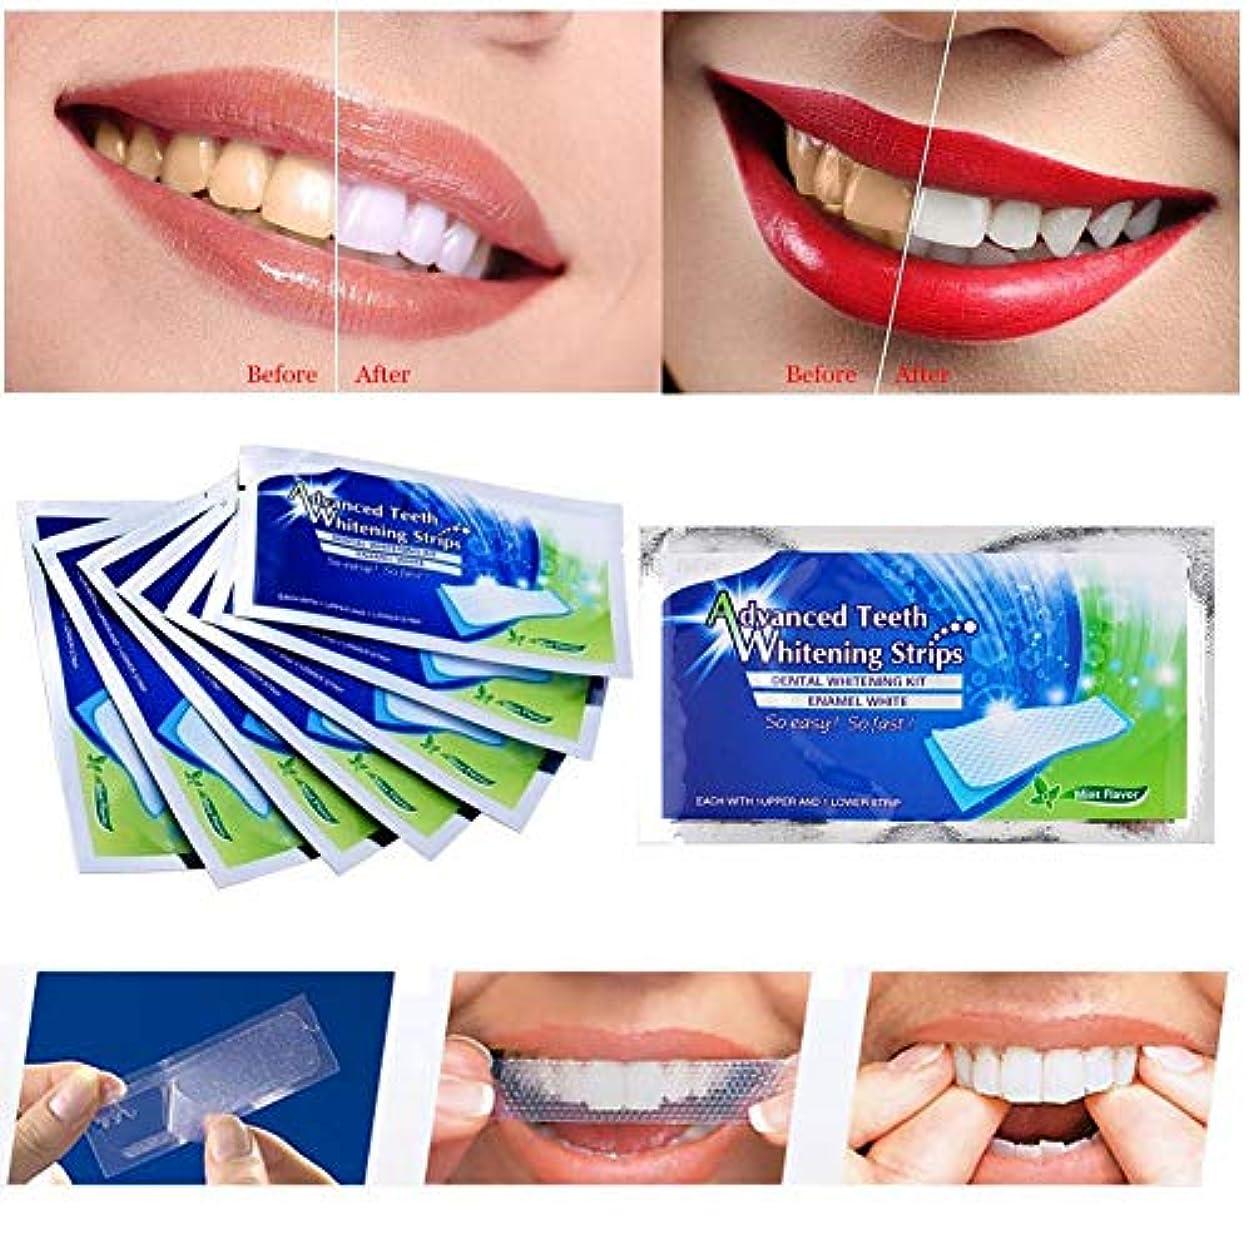 学校ファブリック無効にする(最高の品質と価格)20pcs(10bag)歯ホワイトニングストリップ歯科治療用の完璧なツール (Best Quality and Price) 20pcs (10bag) Teeth Whitening Strips...